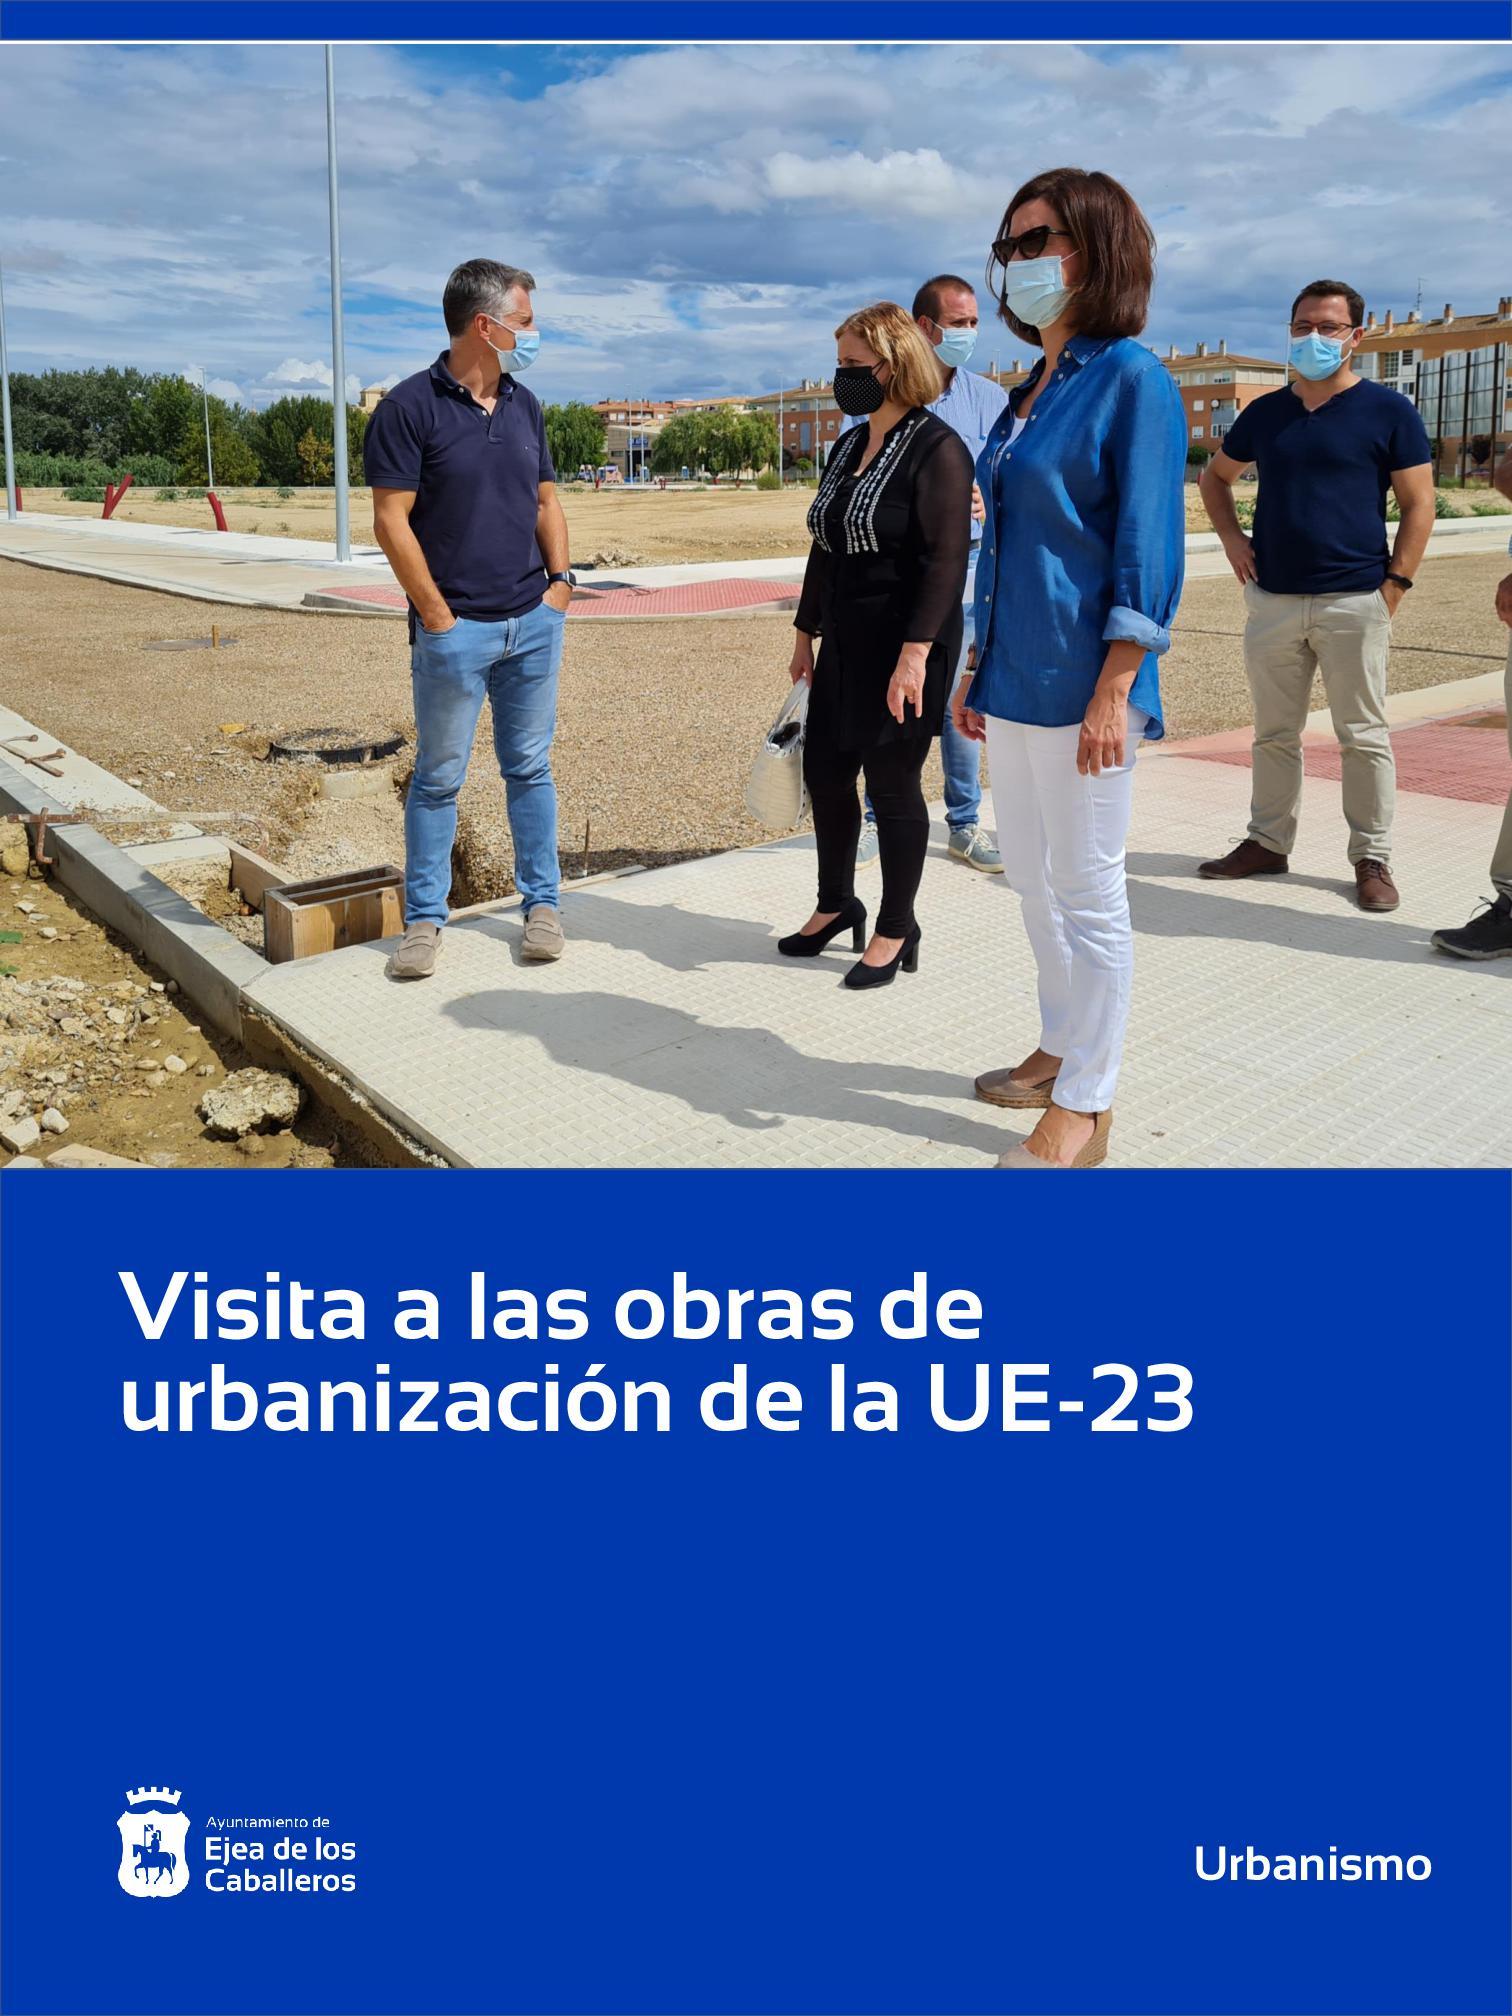 En este momento estás viendo Visita a las obras de urbanización que está ejecutando la Junta de Compensación de la Unidad de Ejecución 23